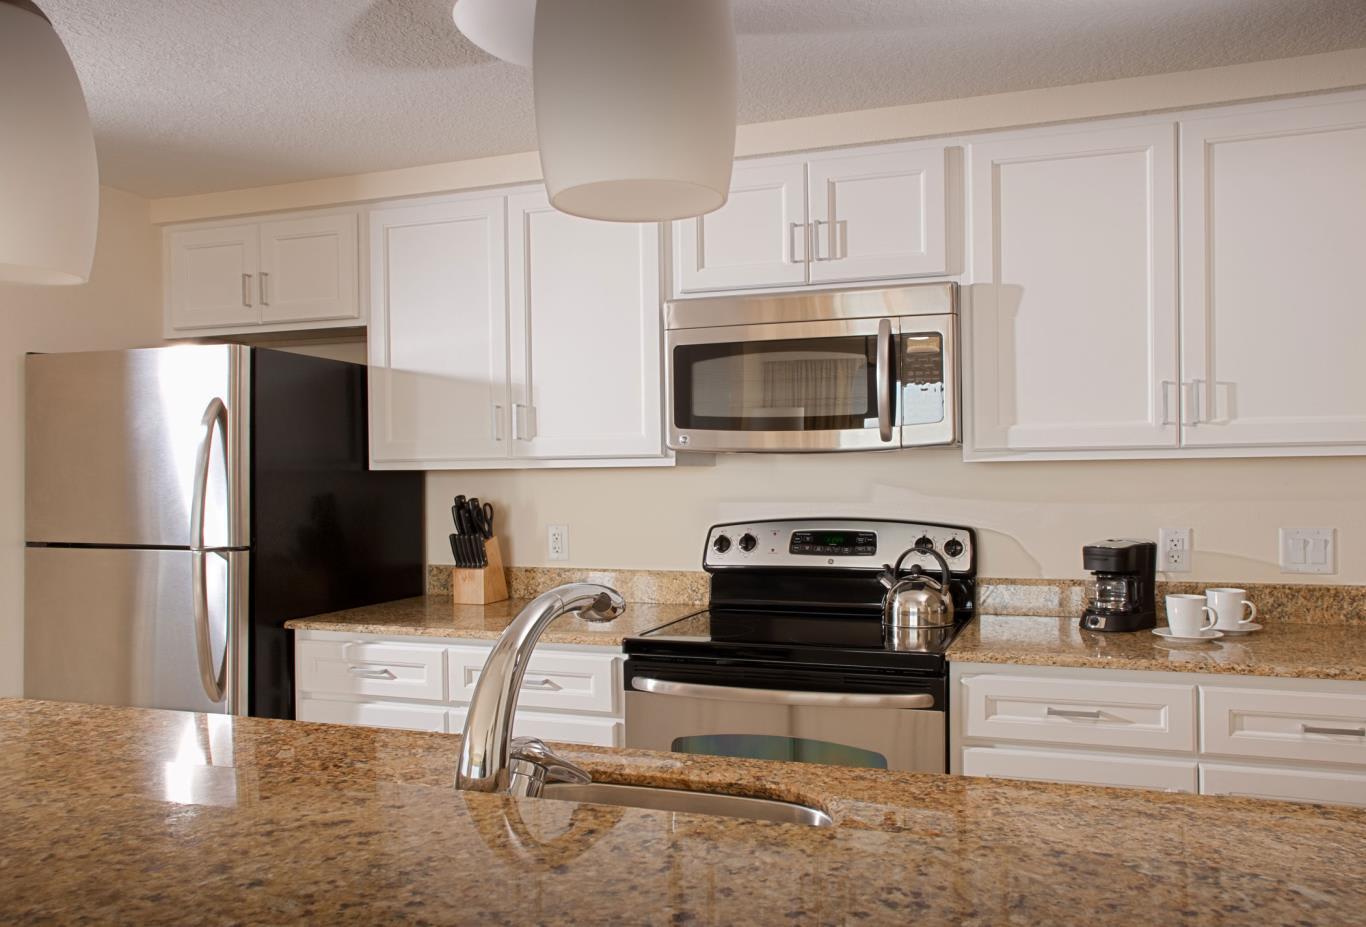 Deluxe Two Bedroom Suite Kitchen